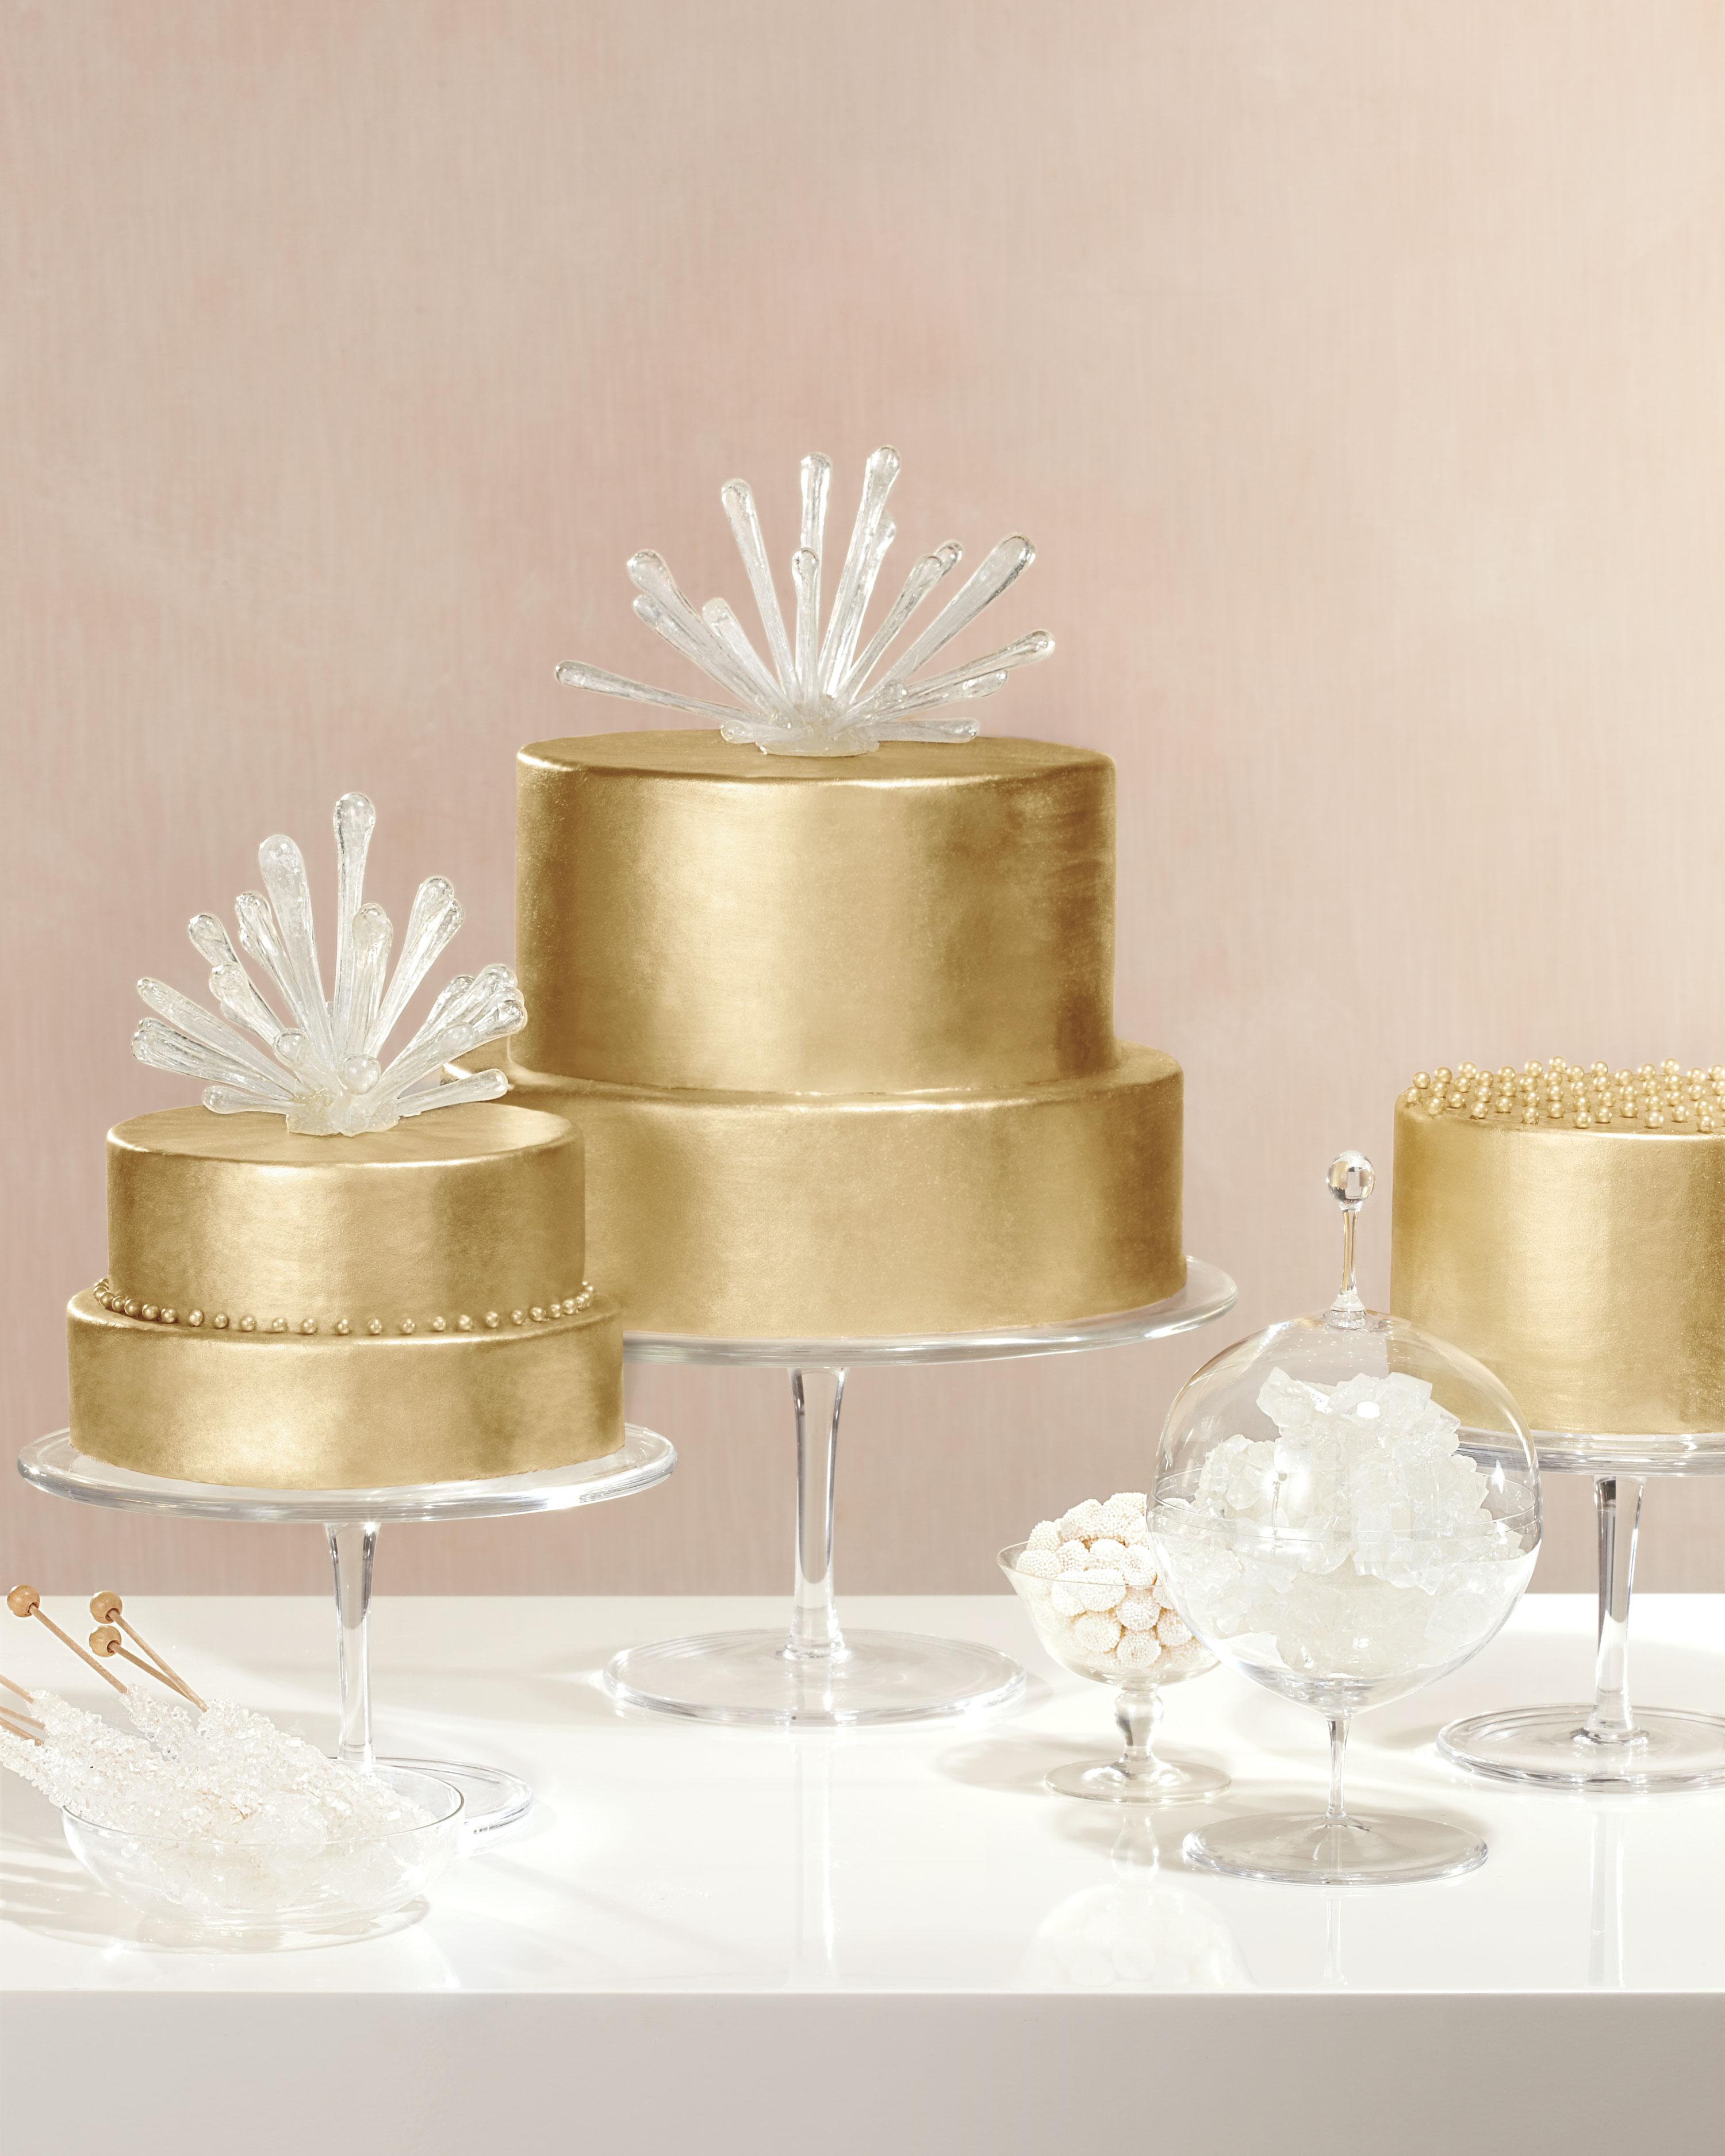 sputnik-gold-cake-166-169-147-comp-mwd110603.jpg